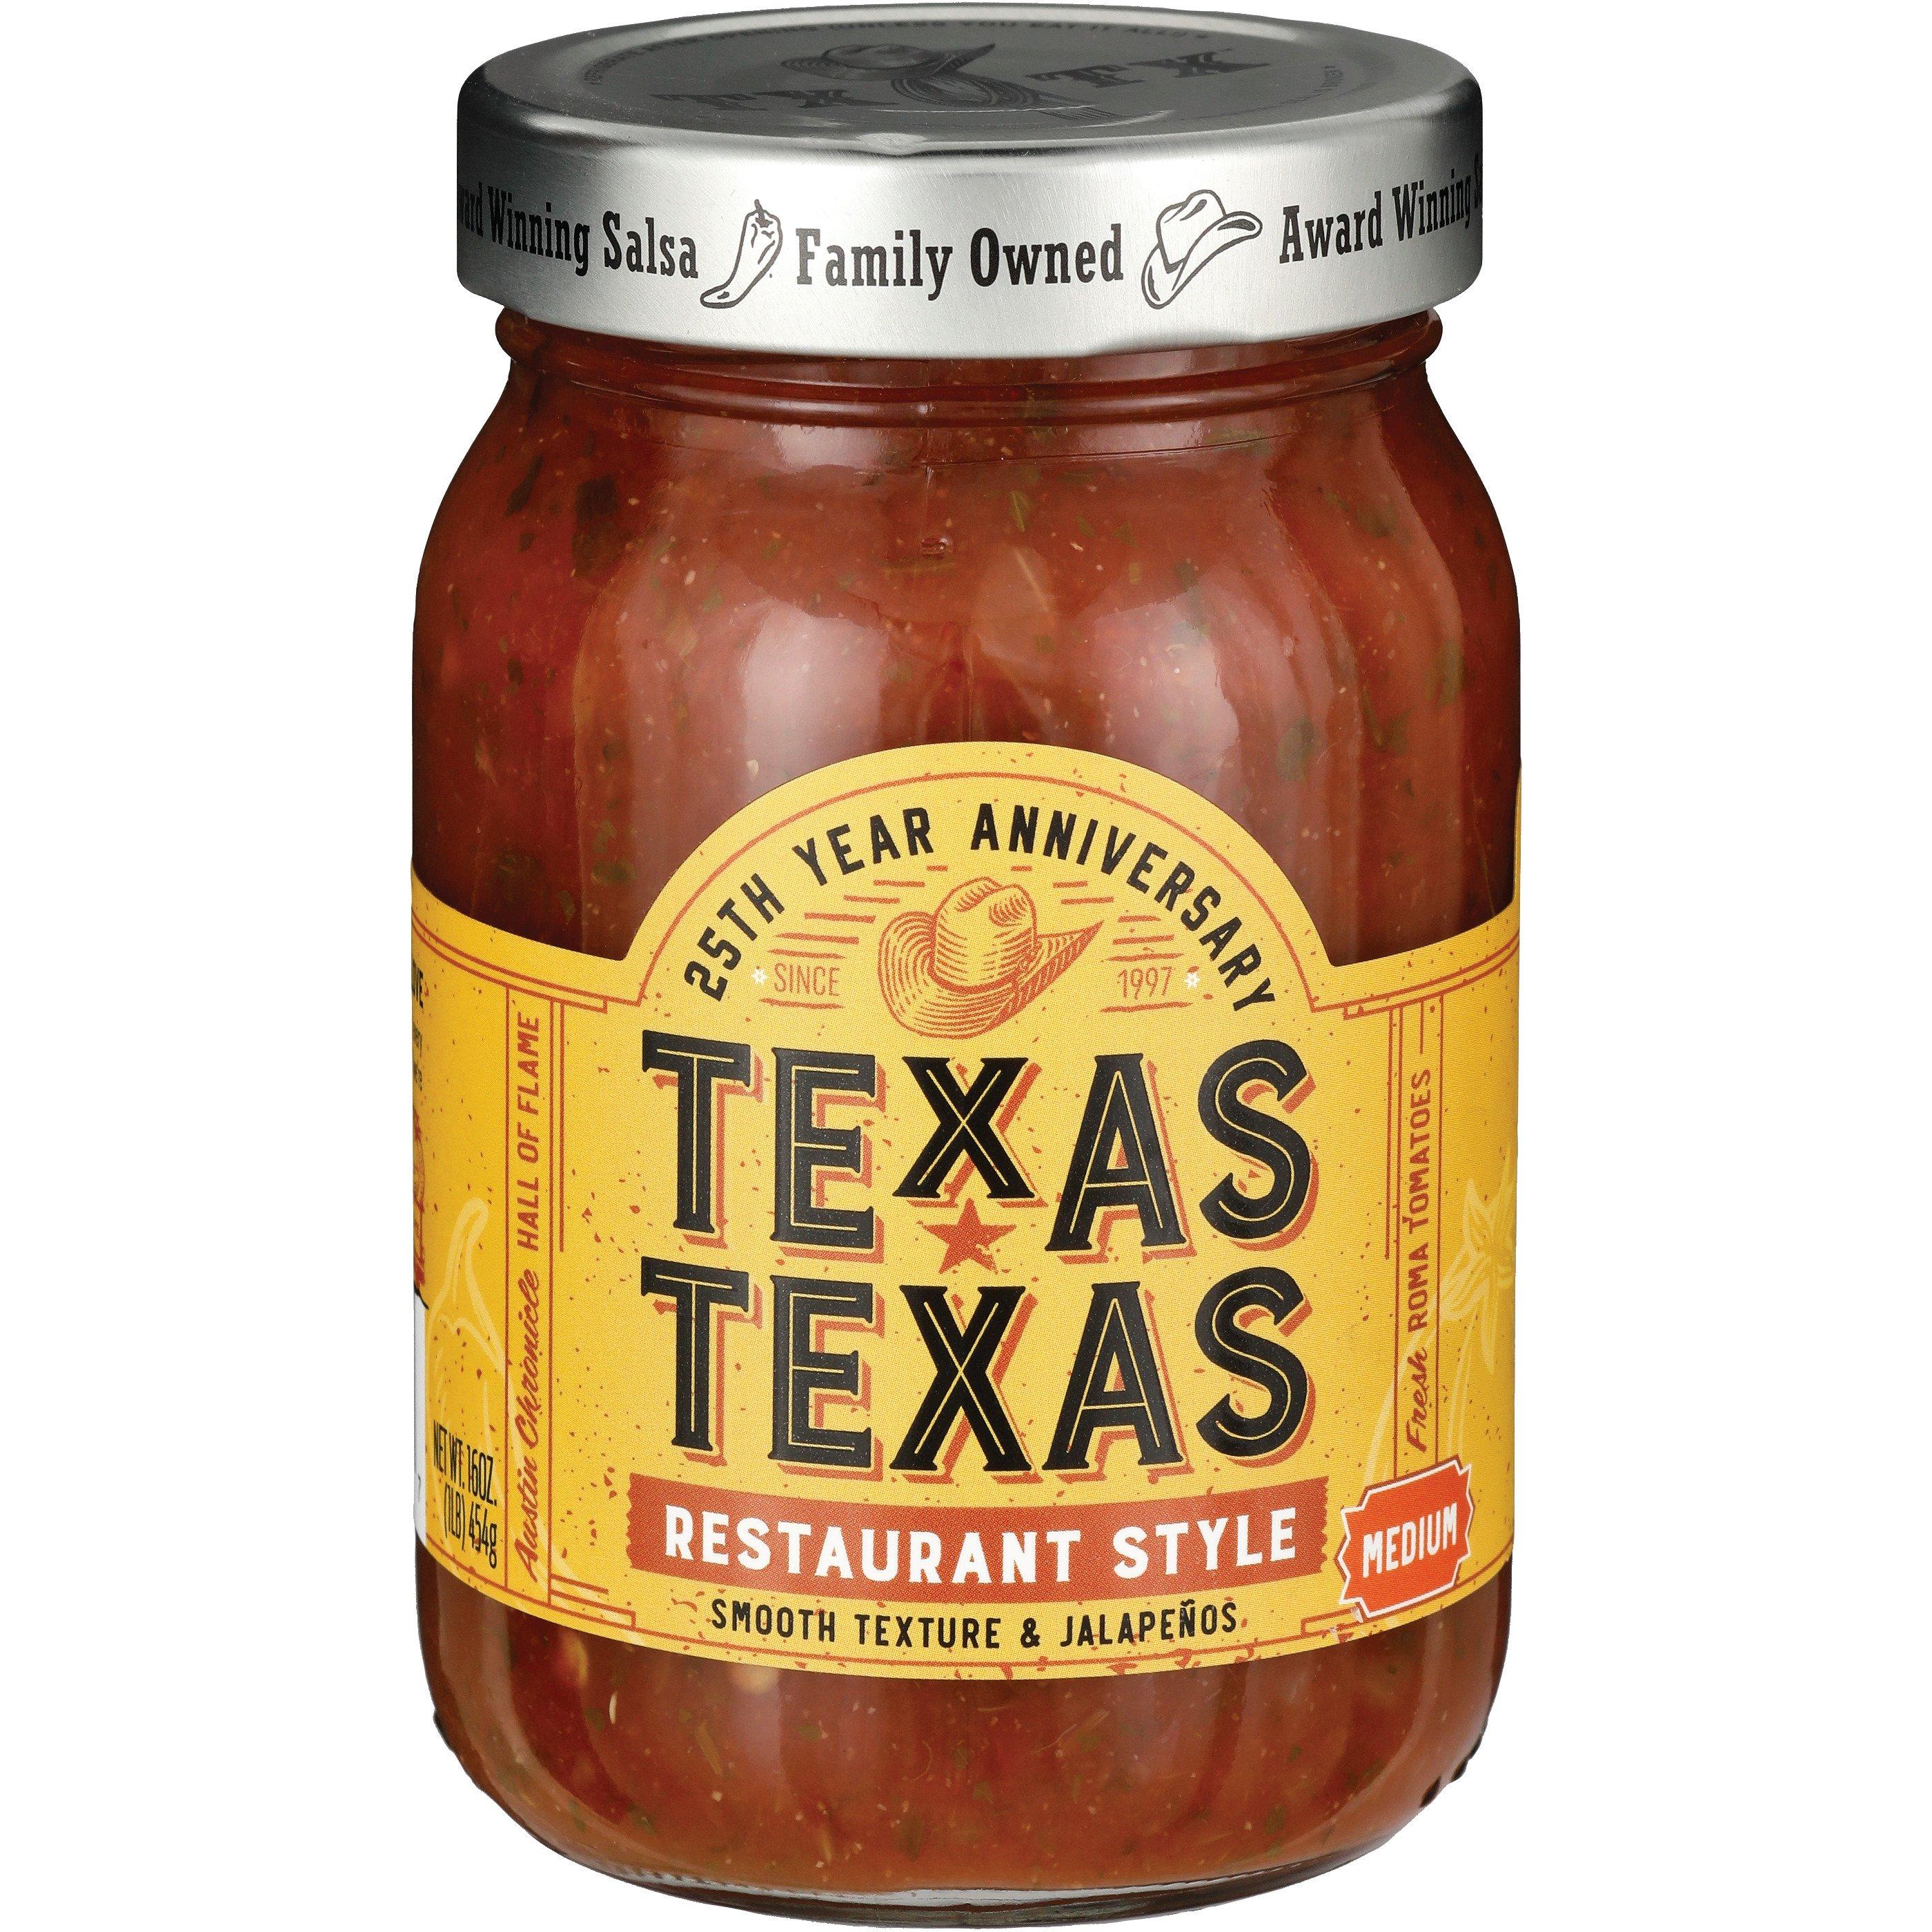 Texas Texas Medium Restaurant Style Salsa Shop Salsa Dip At H E B